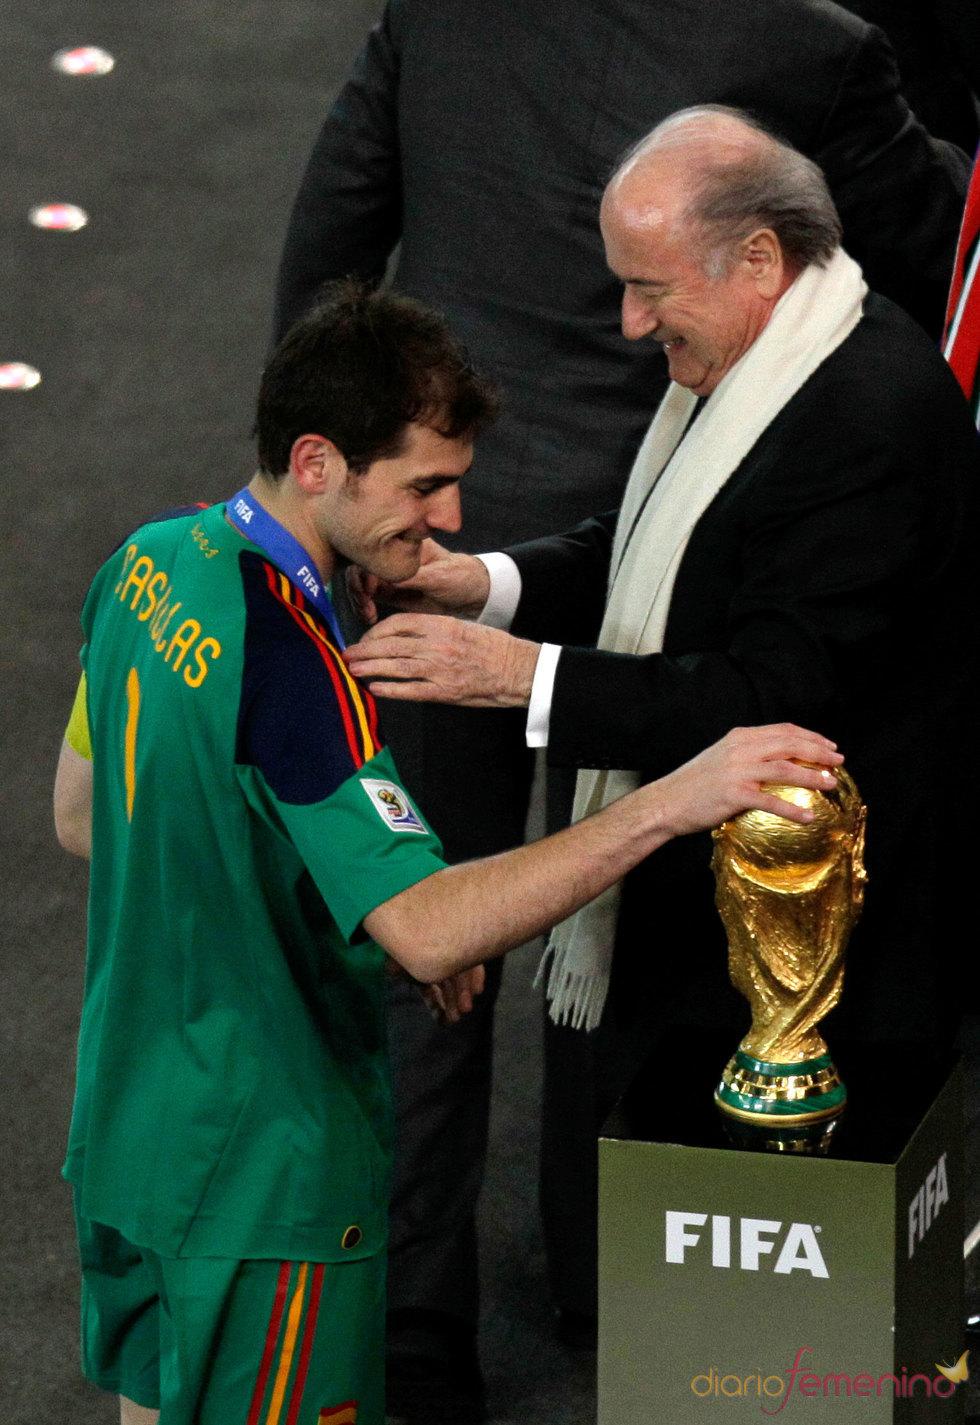 Iker Casillas acaricia la Copa del Mundo de fútbol